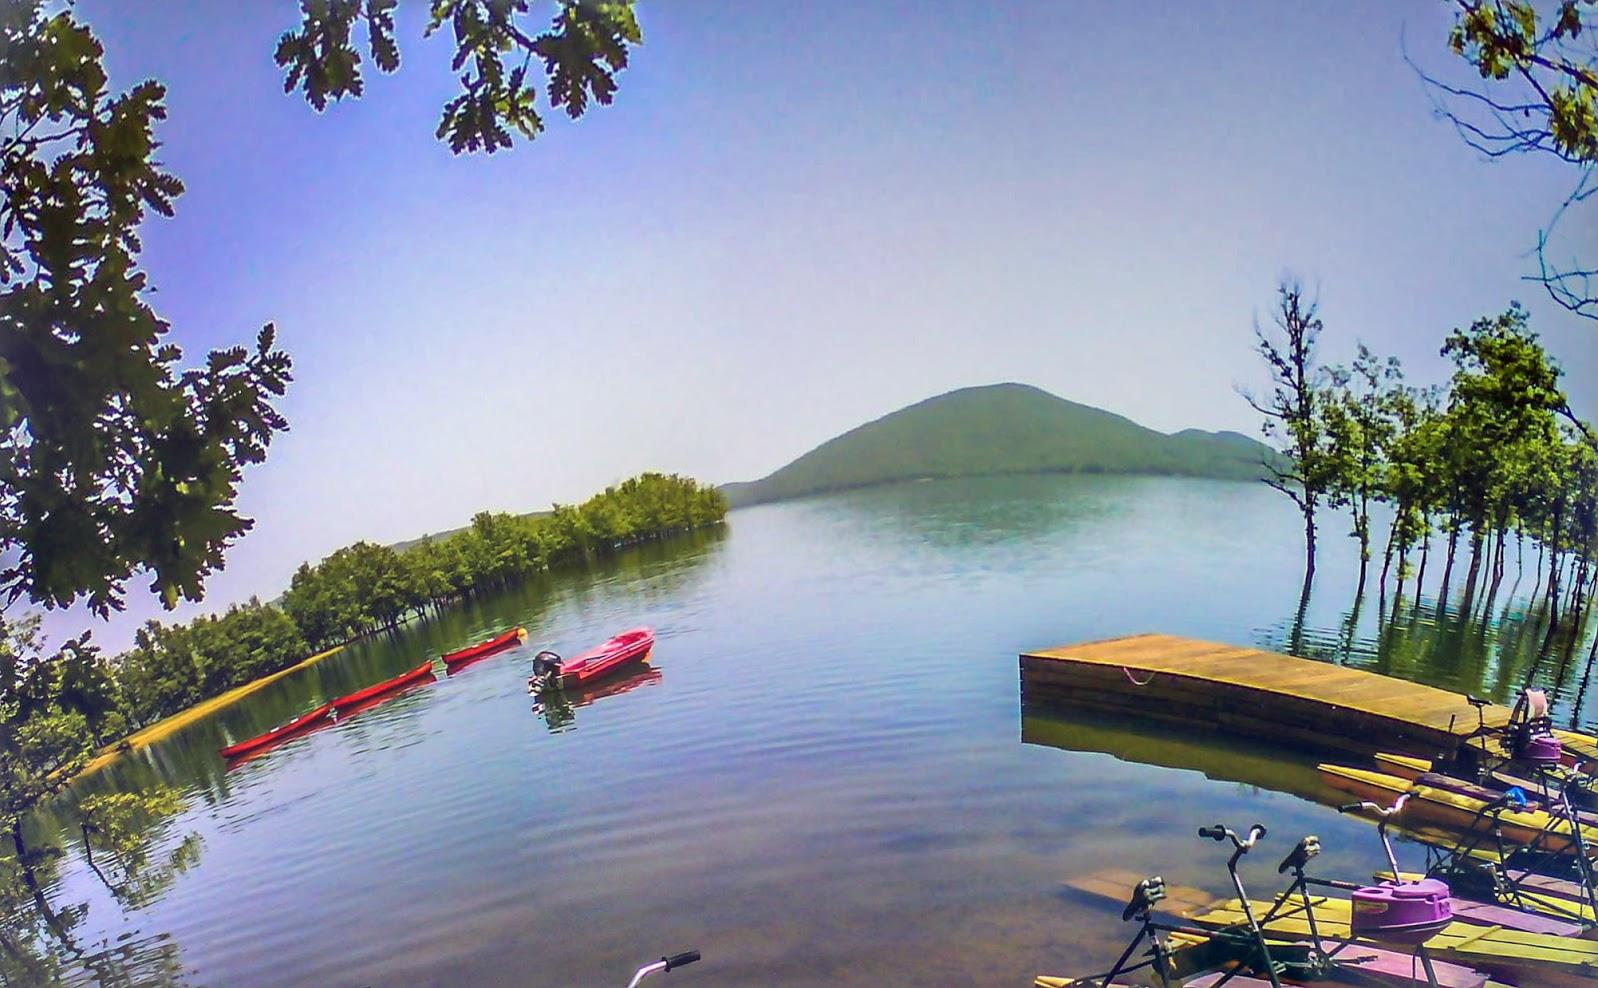 Βασίλης Αργύρης: Η λίμνη Πλαστήρα από τα Καλύβια Πεζούλας Νο 3